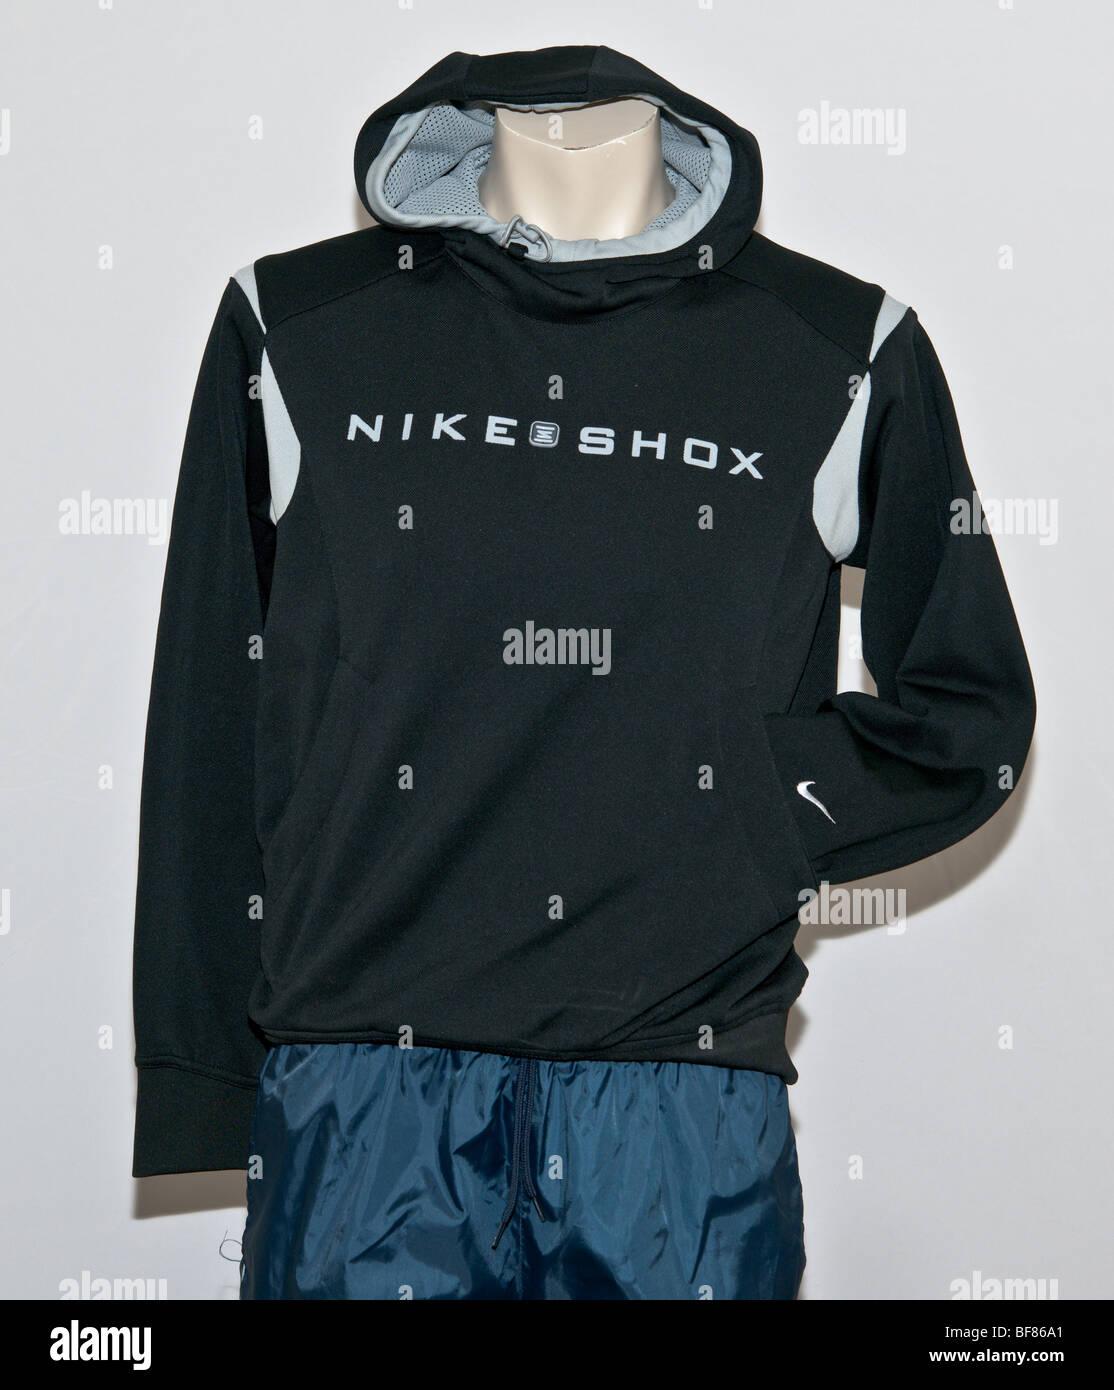 060f32256dd Nike Shox Hoody sportswear Jacke. menswear overhead Sport Markenbekleidung  los.